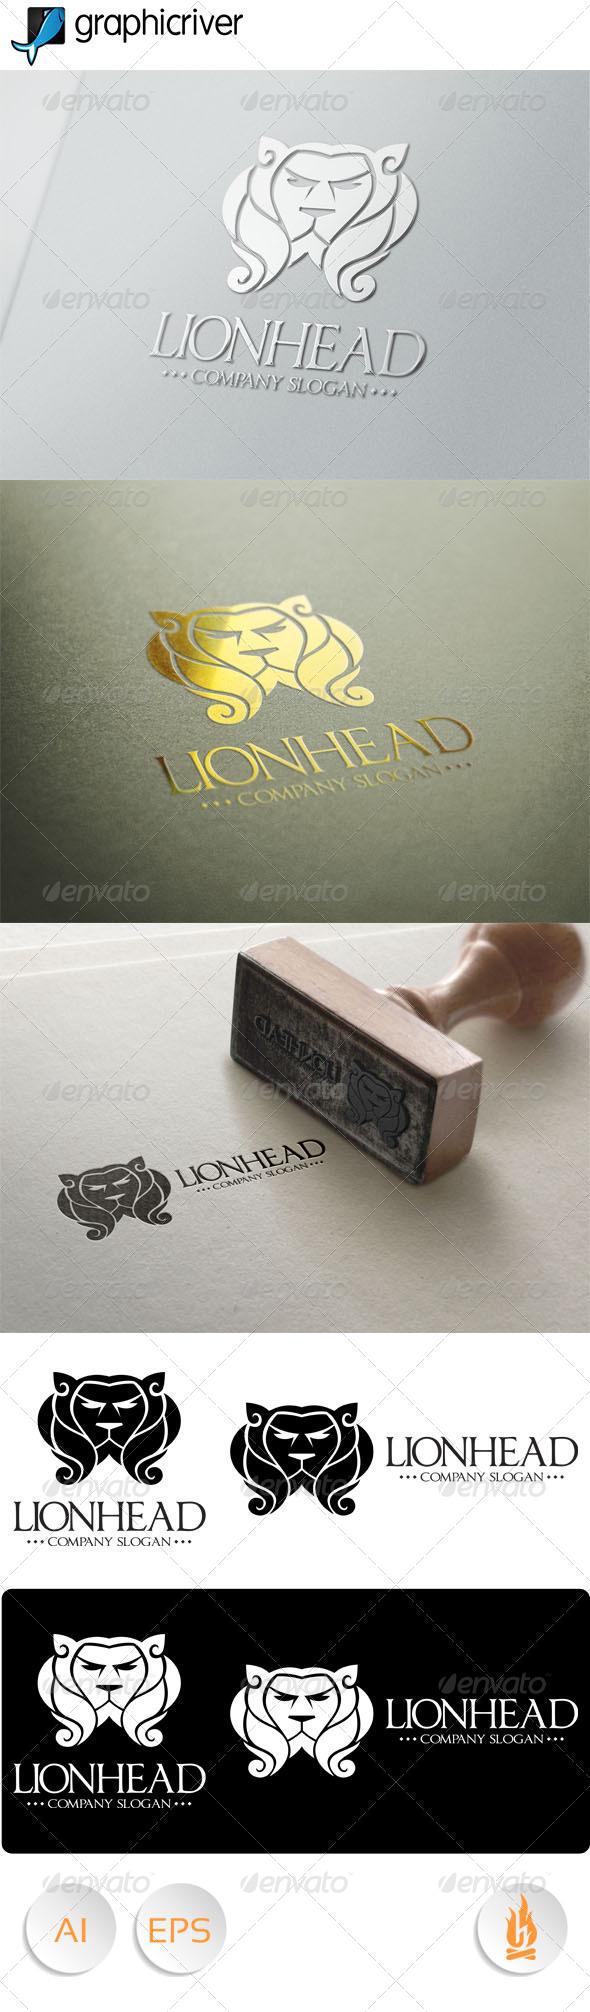 GraphicRiver Lionhead Logo 7869875